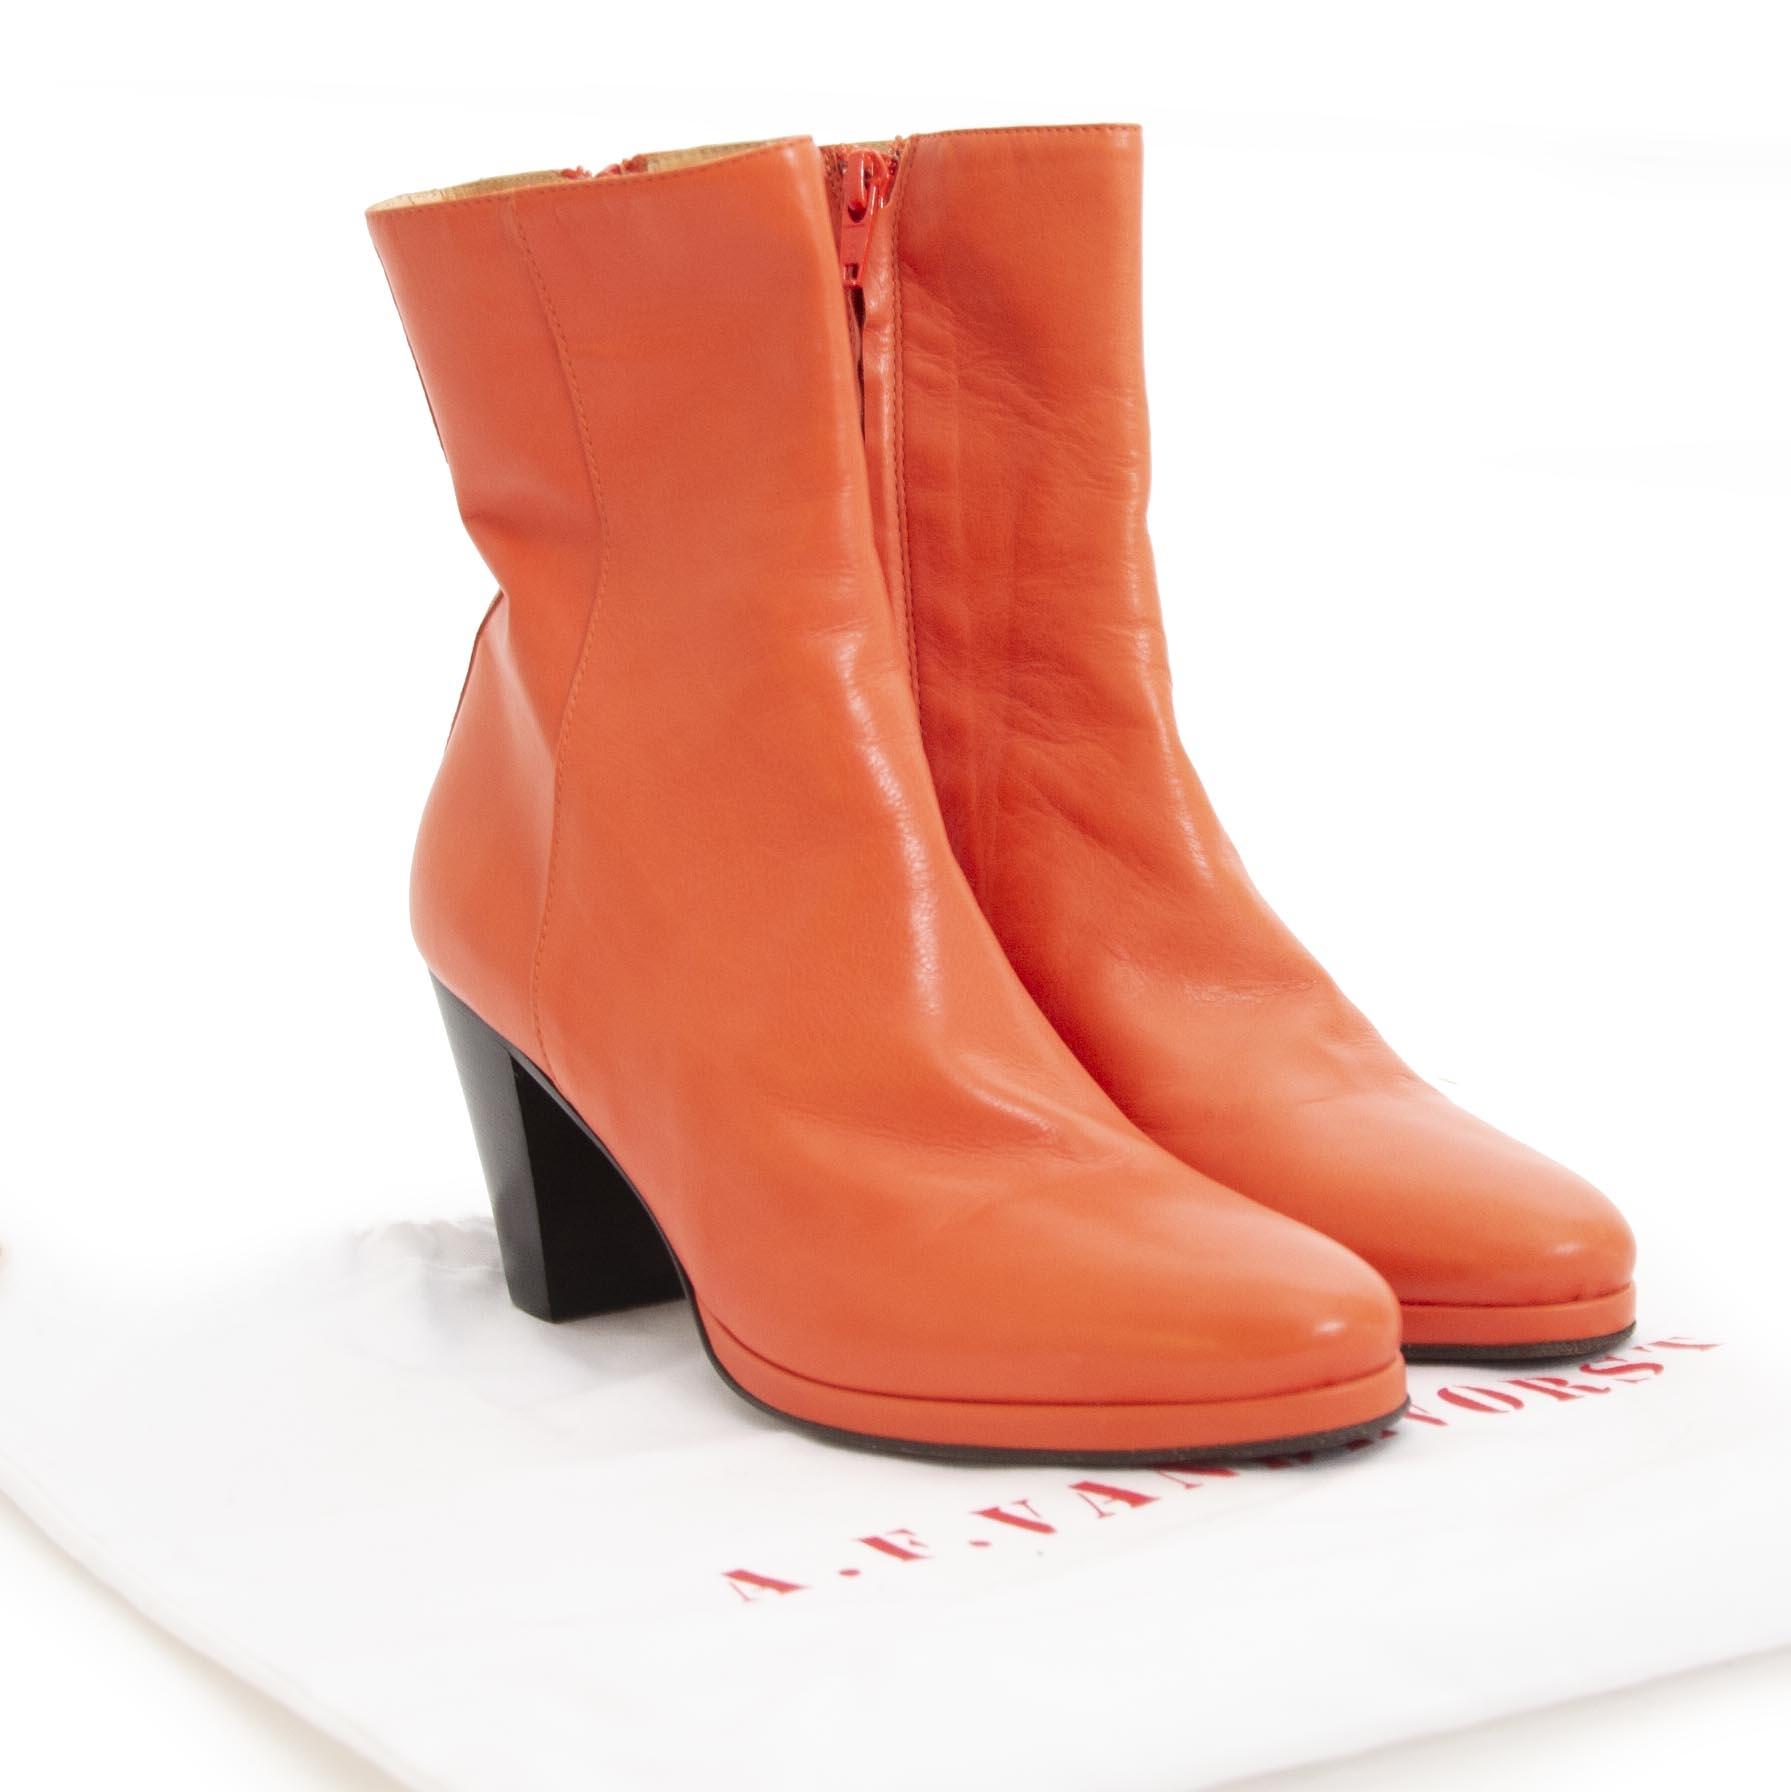 shop safe online Af Van De Vorst Orange Leather Boots - Size 36